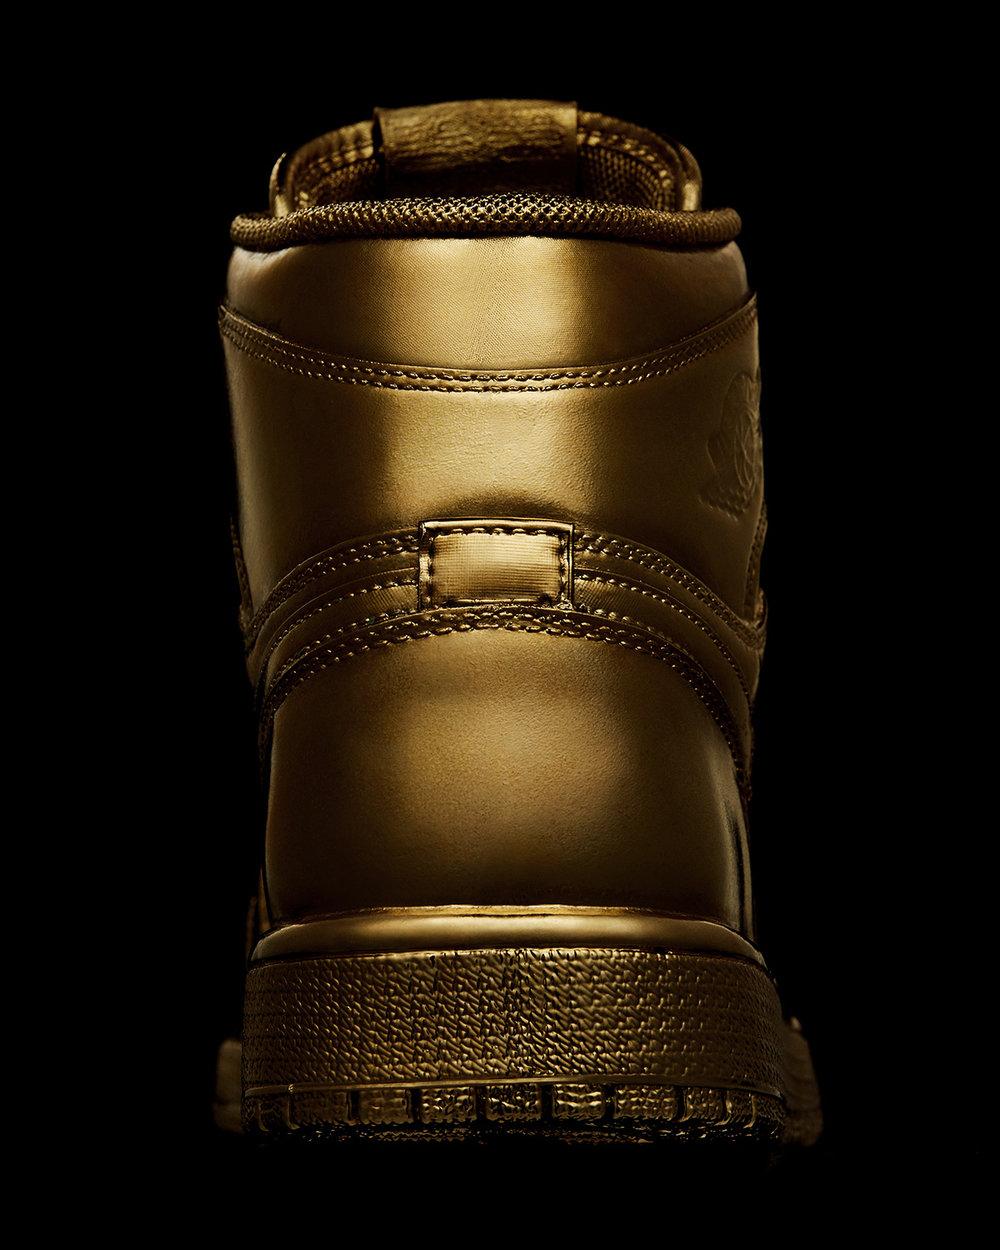 tom-medvedich-still-life-matt-senna-gold-jordans-heel.jpg